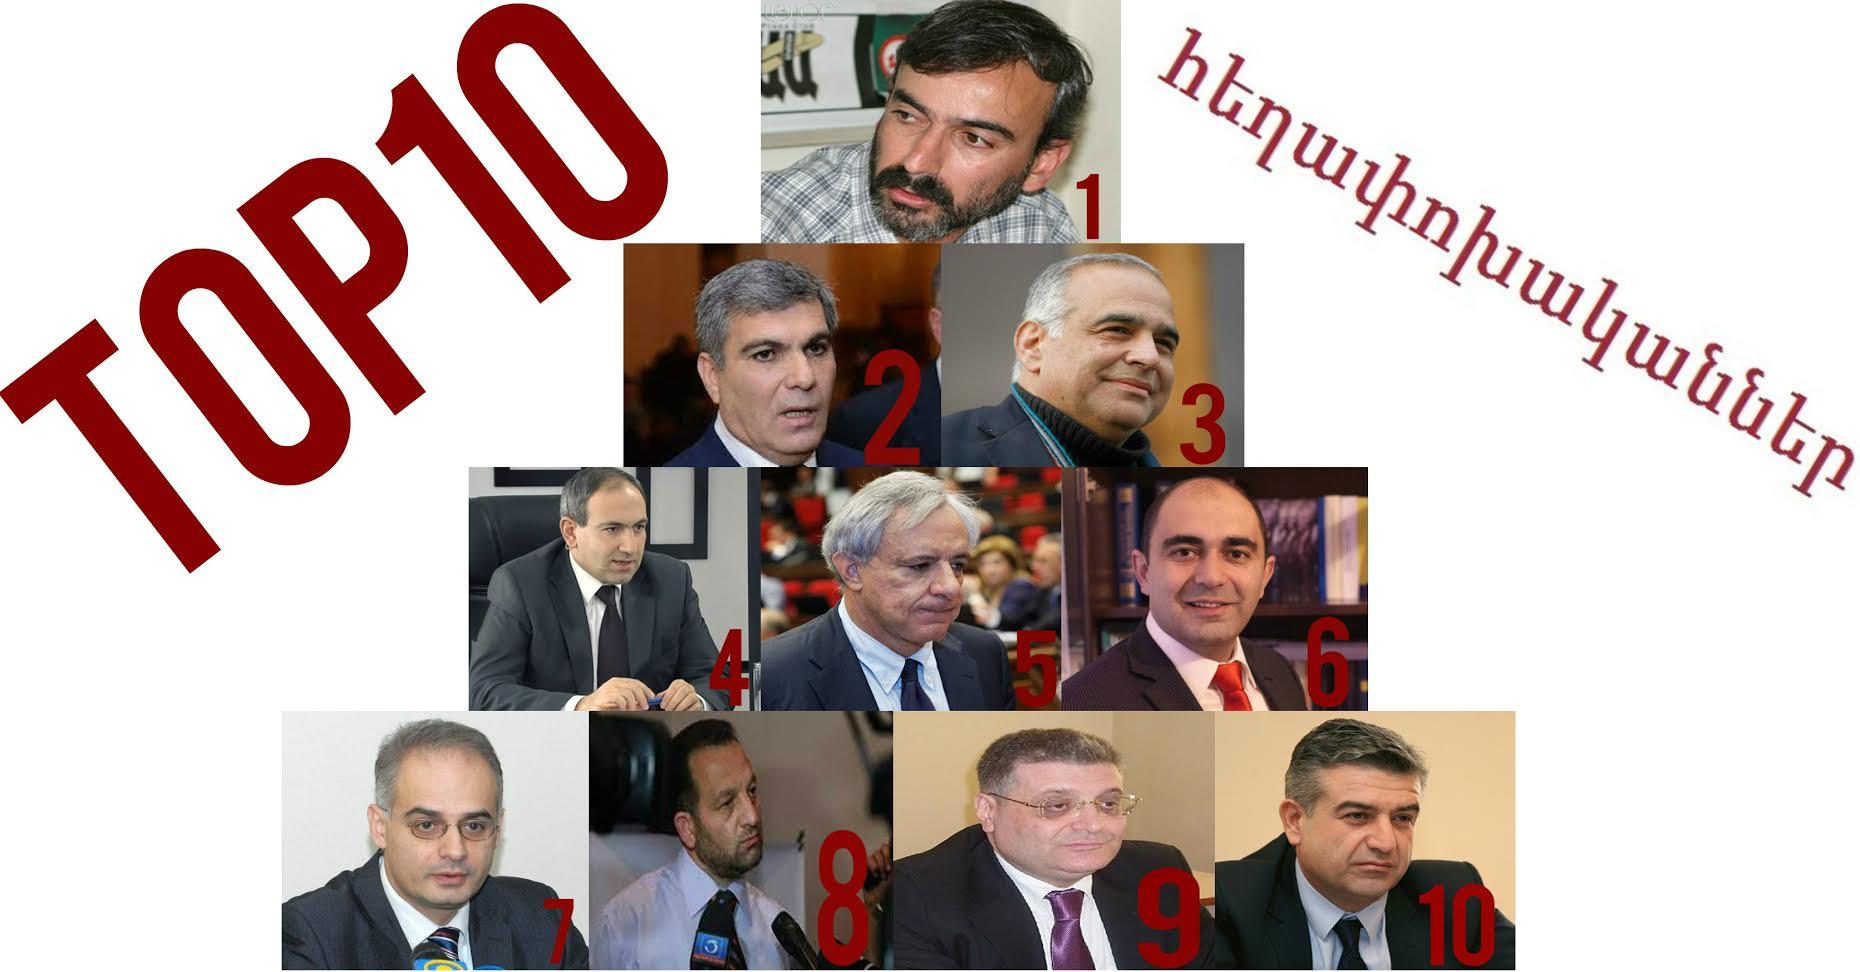 Ո՞վ կկարողանա վերջ դնել հայերի թալանին, արտագաղթին ու աղքատությանը. Հեղափոխականների TOP 10